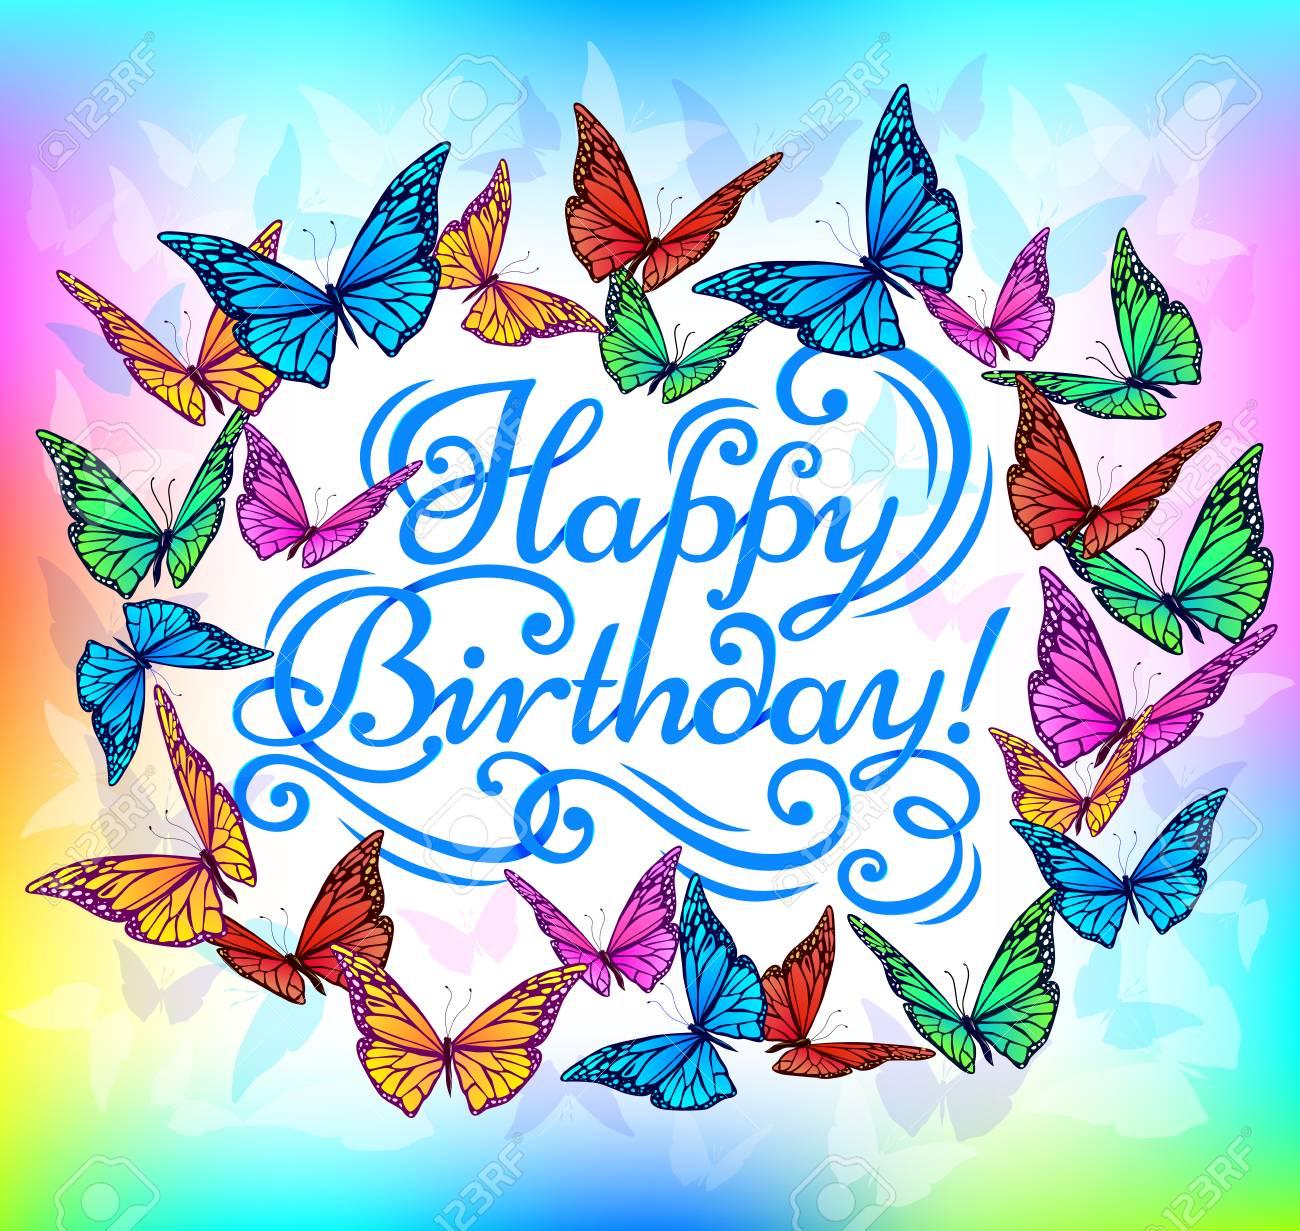 Joyeux Anniversaire Banniere Papillon Lumineux Clip Art Libres De Droits Vecteurs Et Illustration Image 65973293